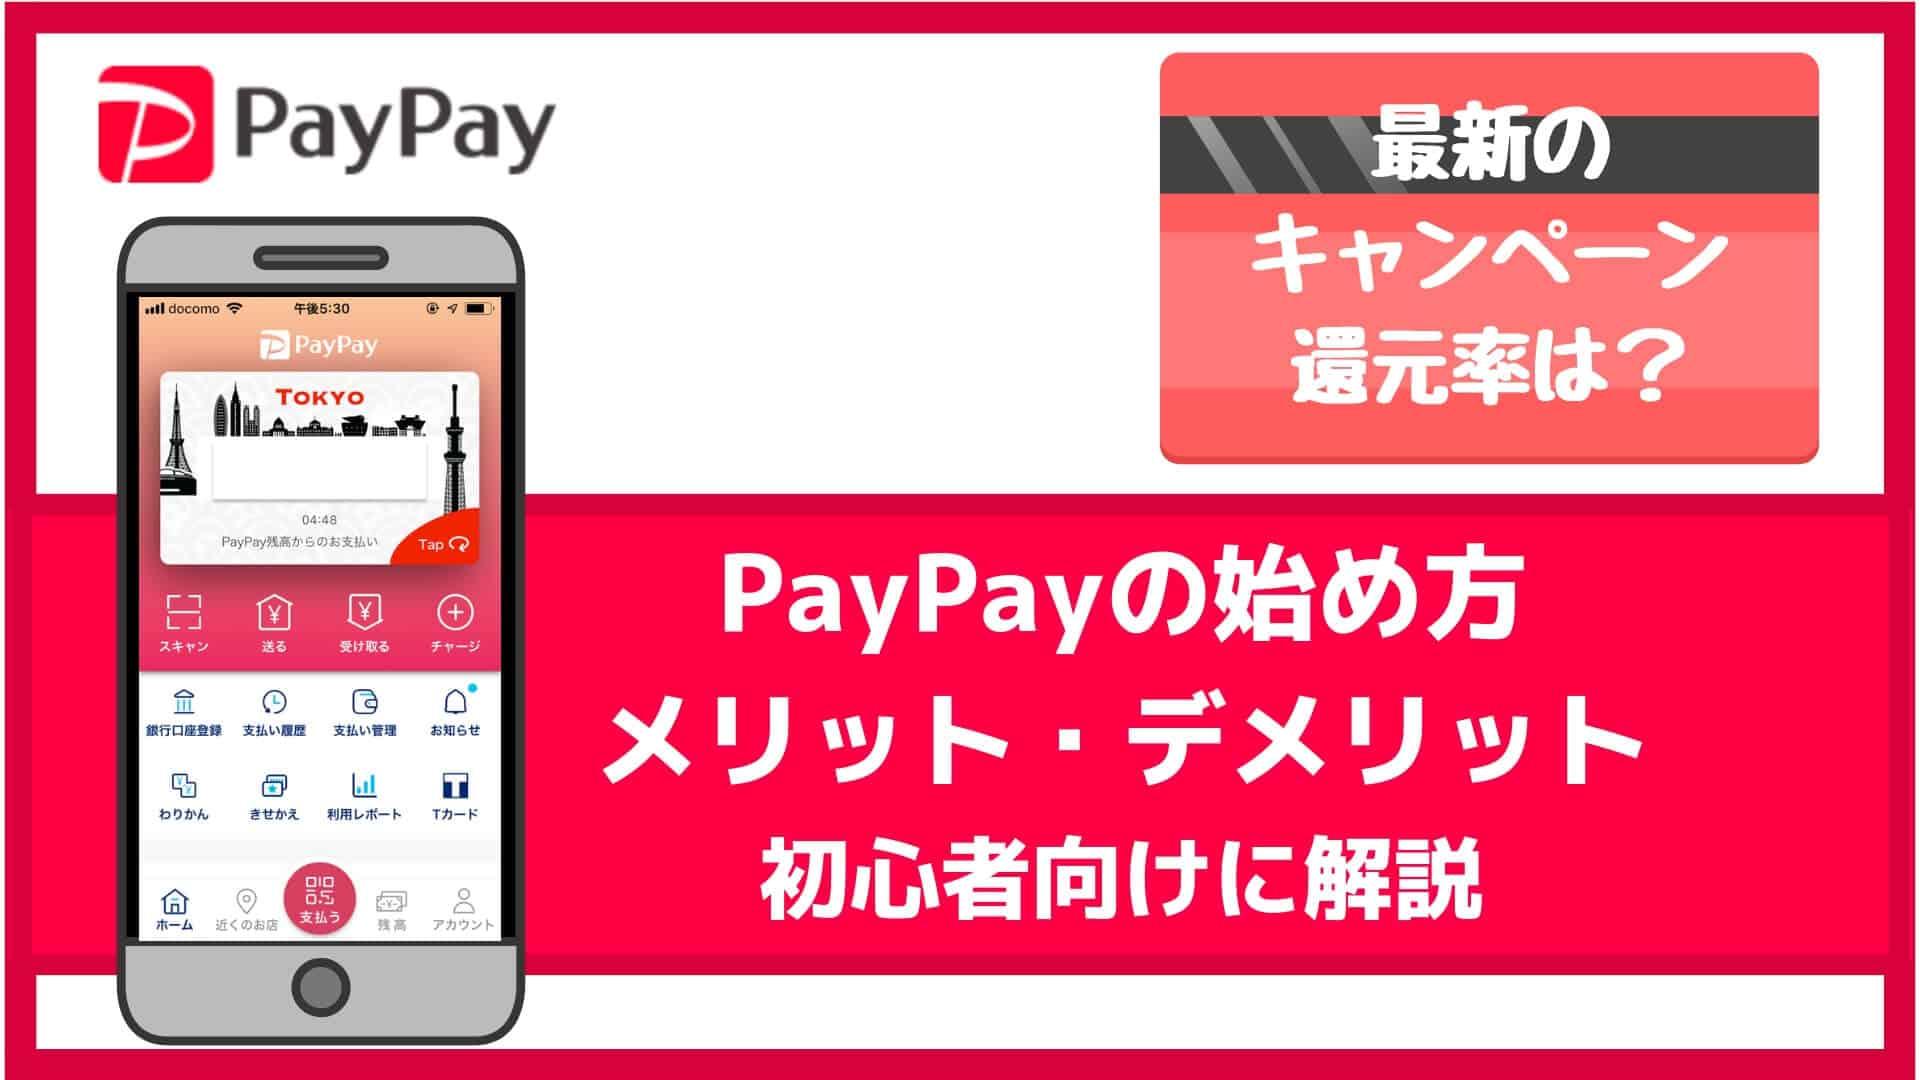 Paypay お 得 な 使い方 【2021年4月版】PayPay(ペイペイ)のキャンペーンまとめ!使い方も詳...